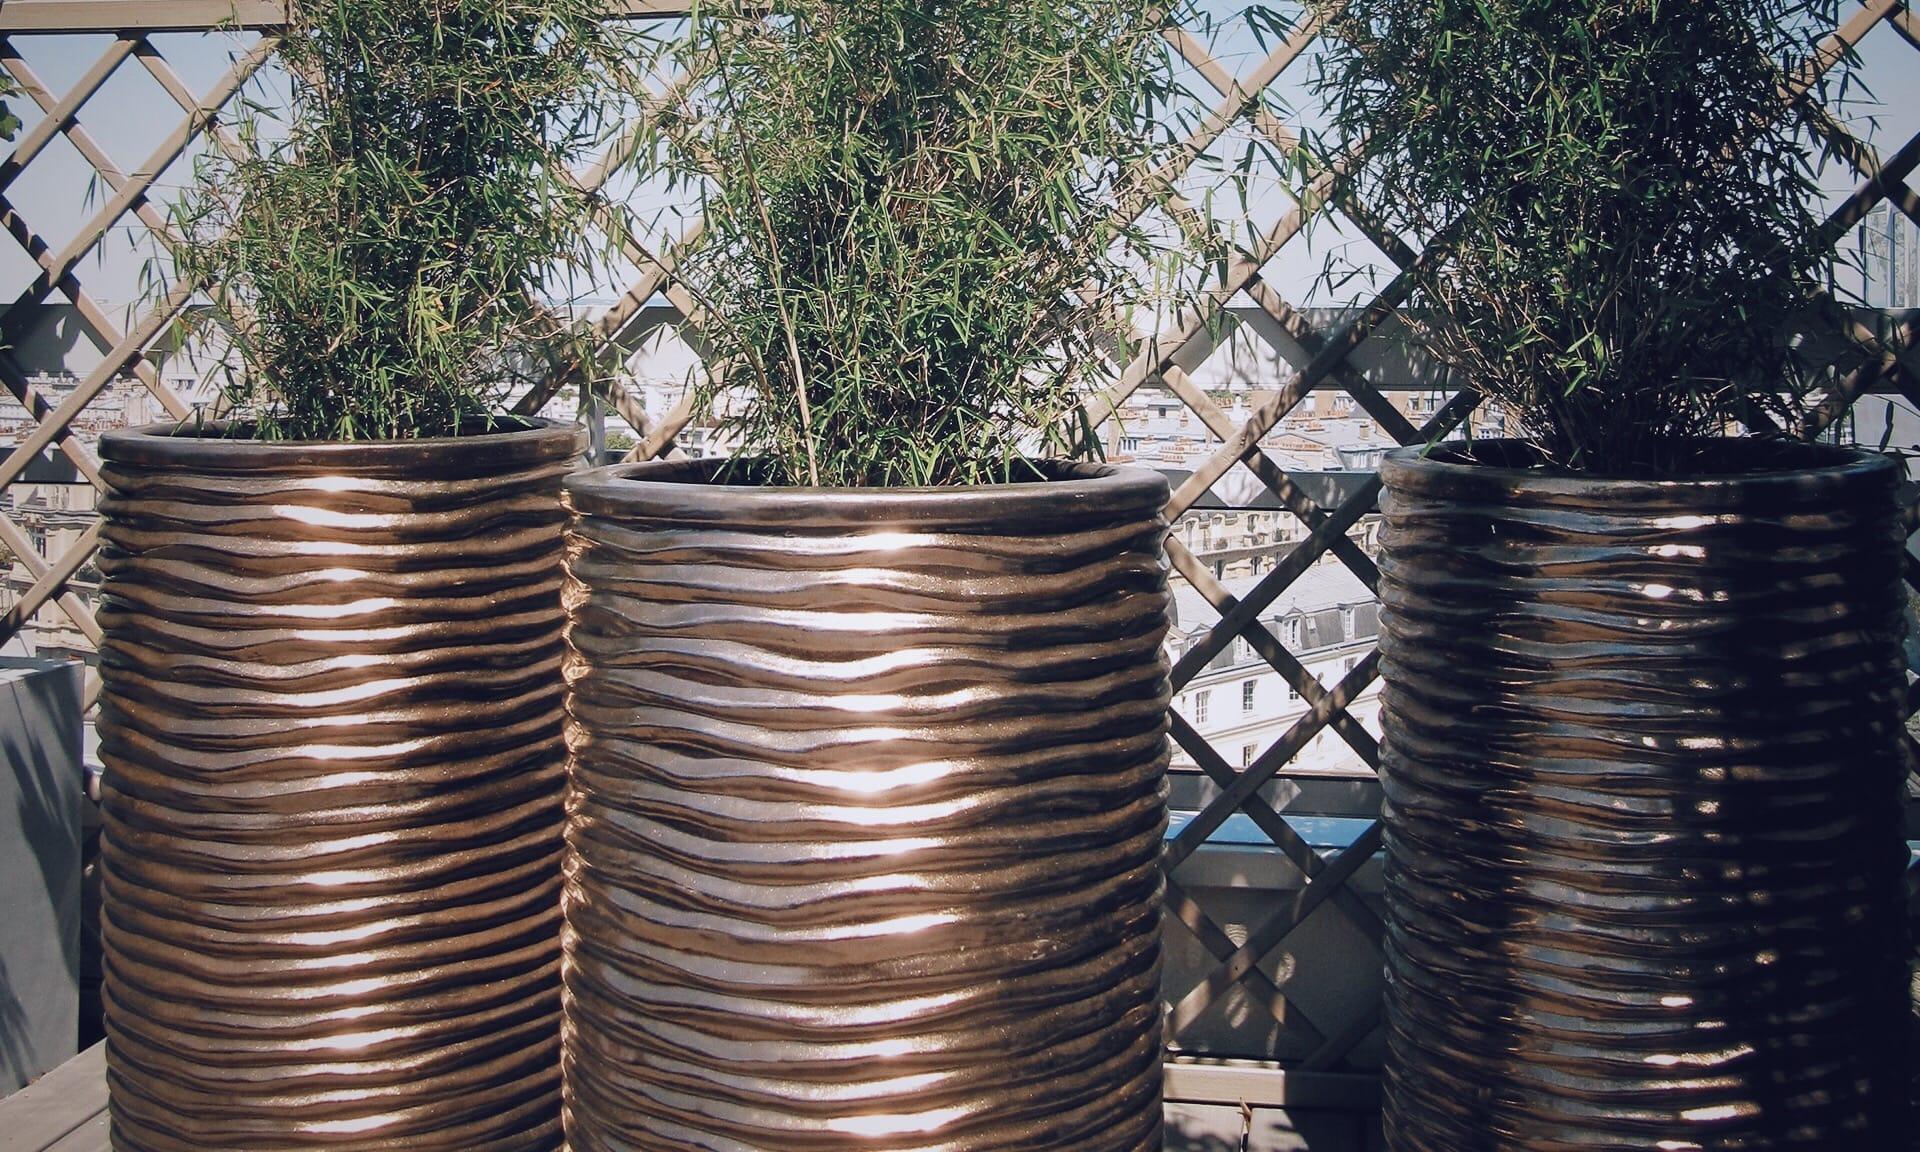 03_Nordscape_terrasse-pots-sculpture